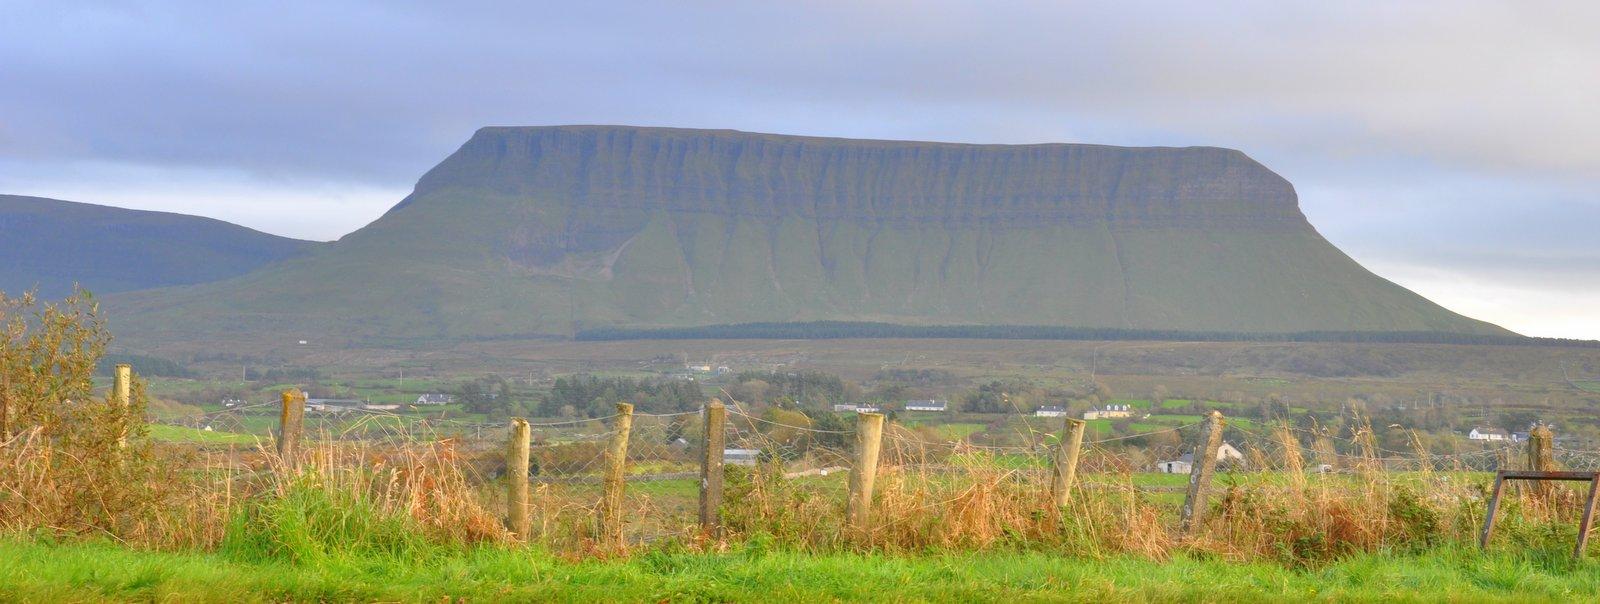 Ben Bulben Montaña cerca de Sligo